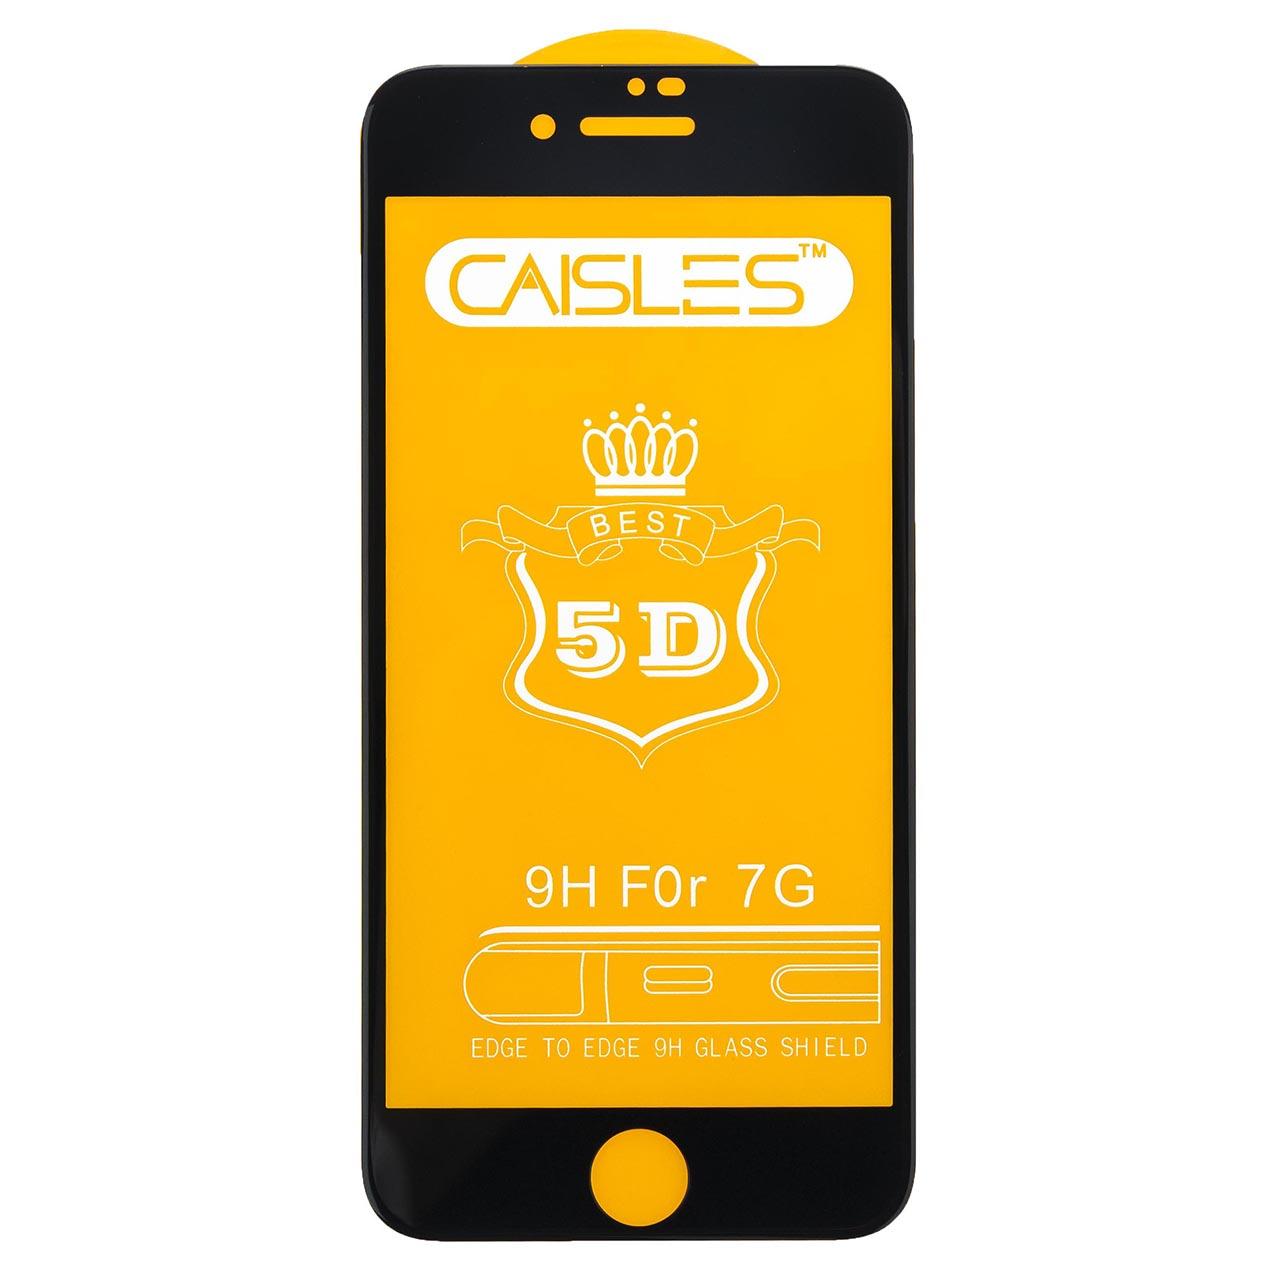 گلس محافظ صفحه نمايش شيشه اي مدل CAISLES مناسب براي گوشي موبايل اپل iPhone 7/8